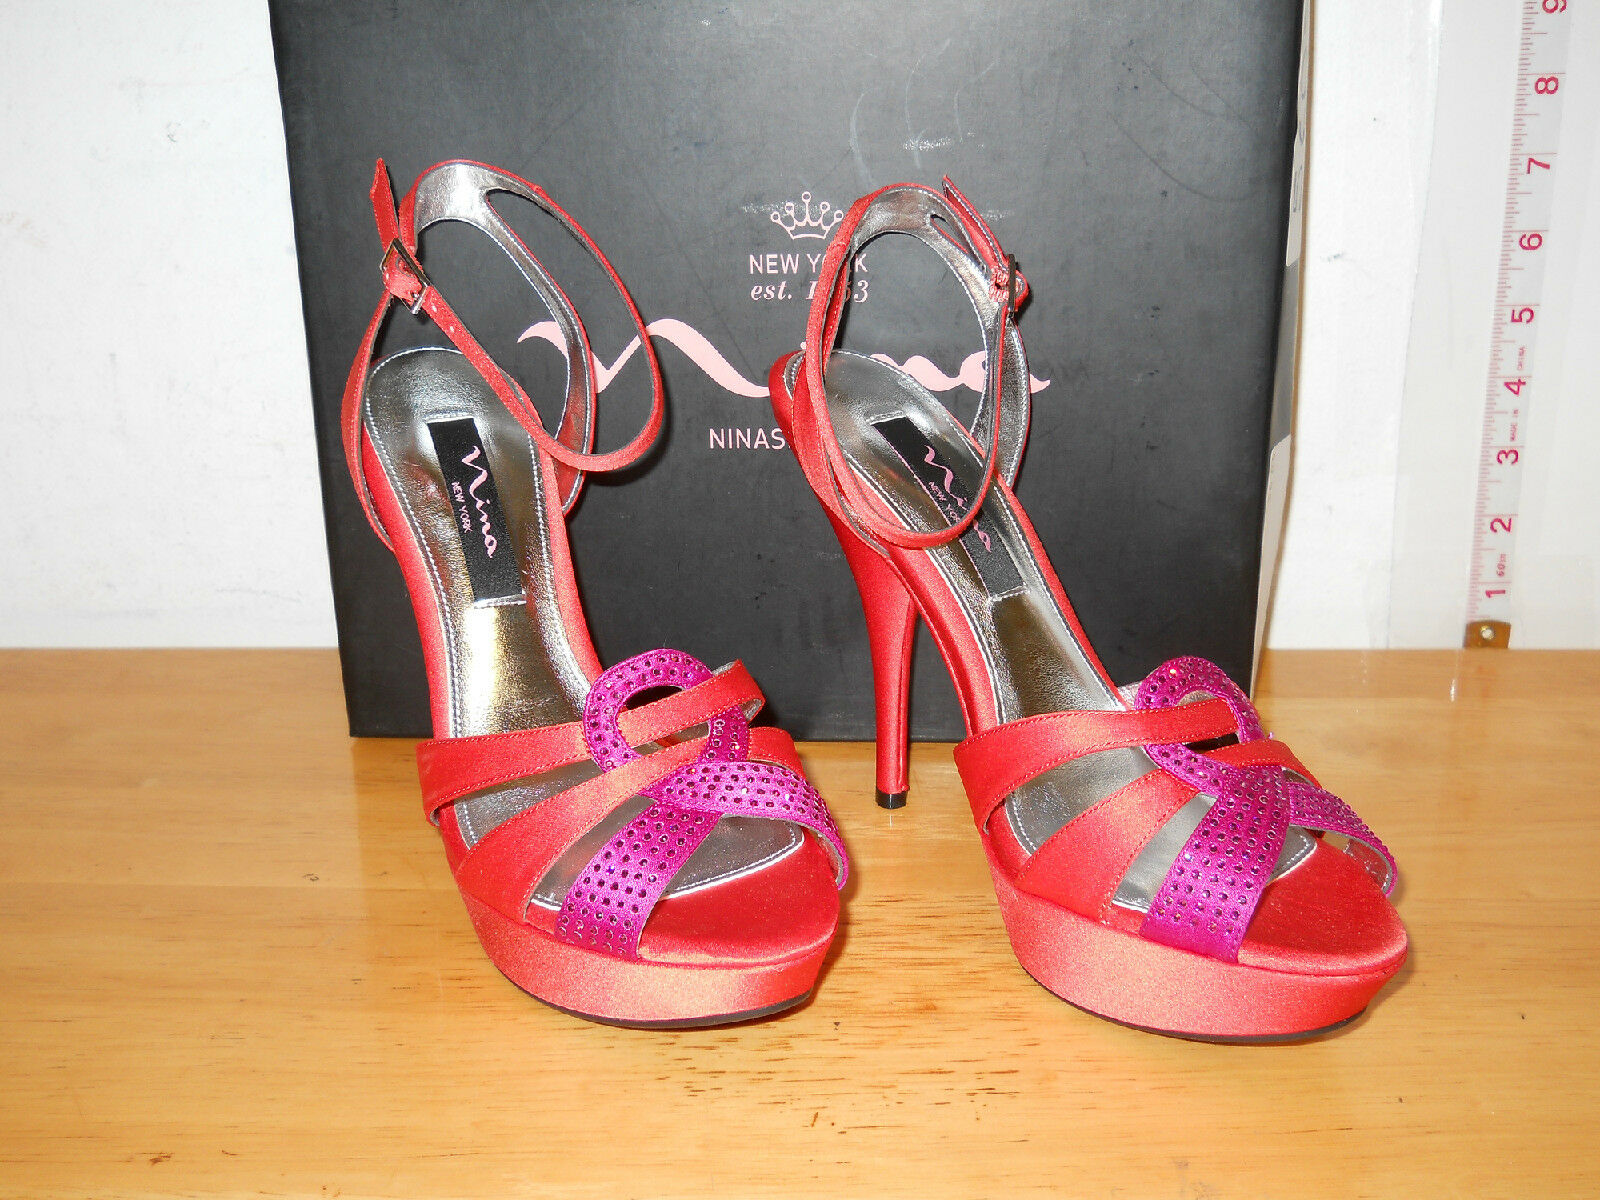 Nina New Damenschuhe Sammi Heels LS Coral Heels Sammi 8 M Schuhes NWB 92bba3